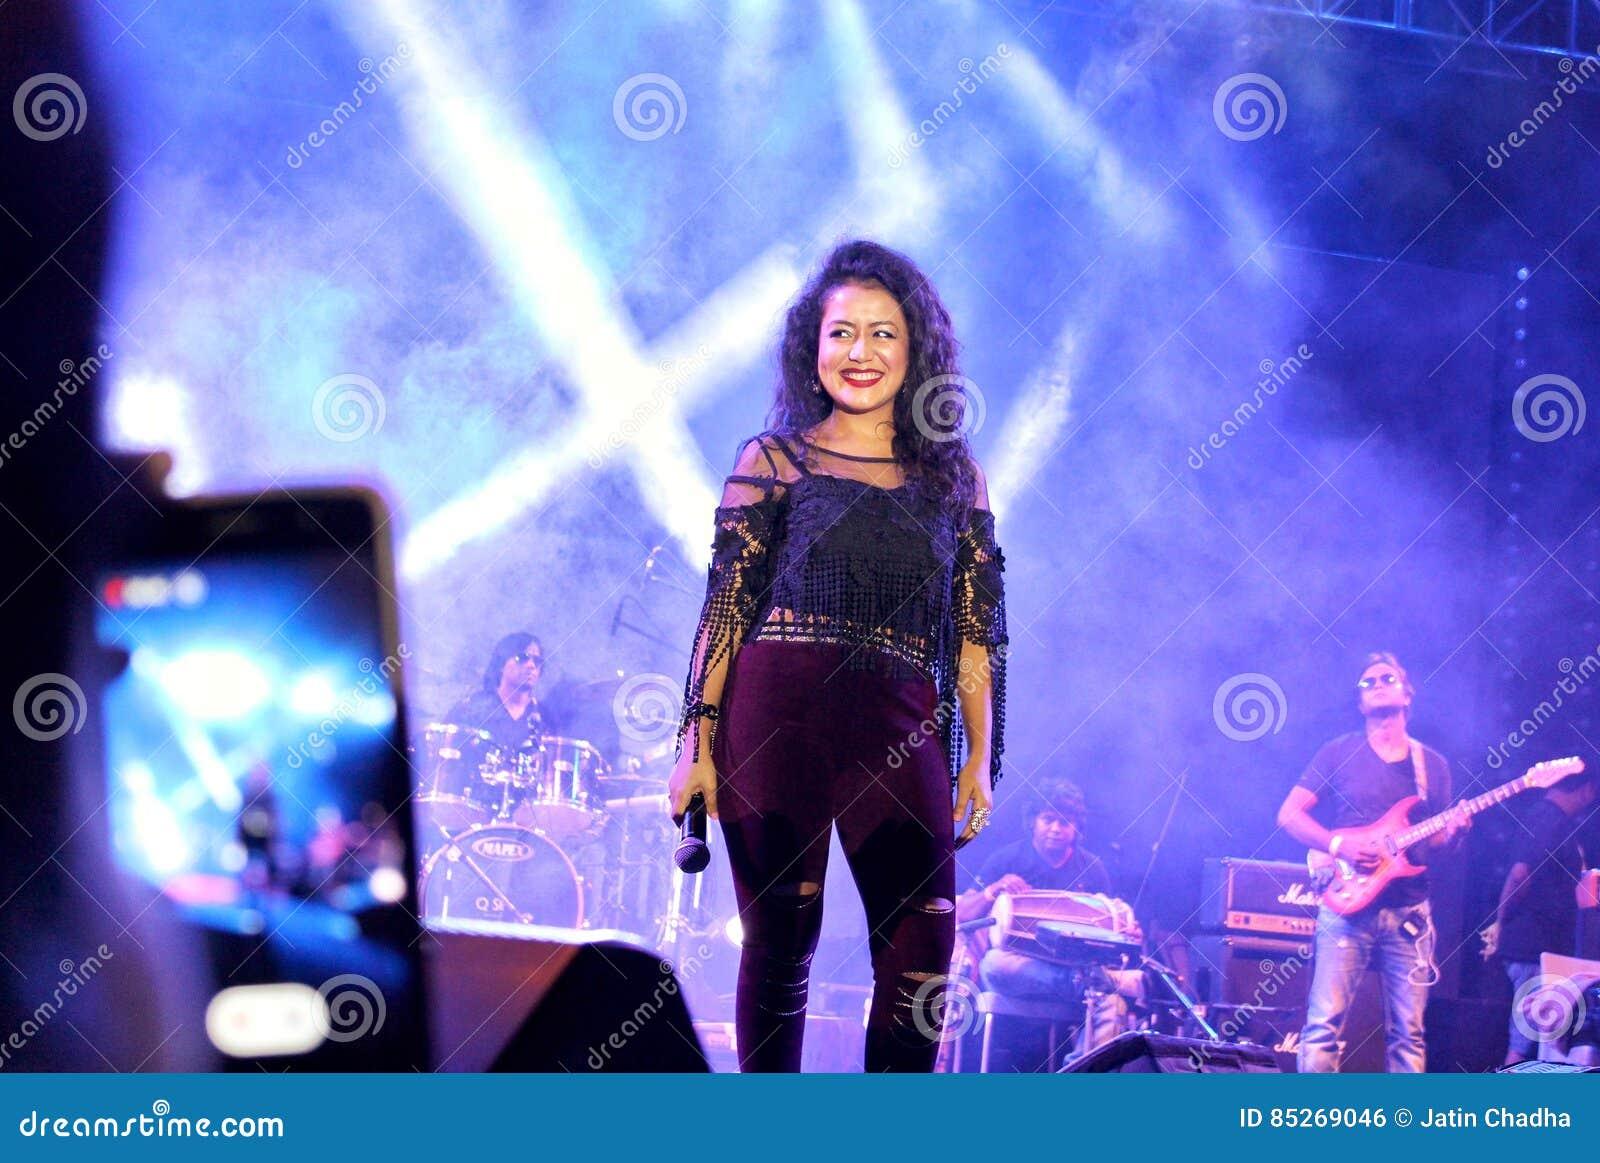 Pic of neha kakkar singer